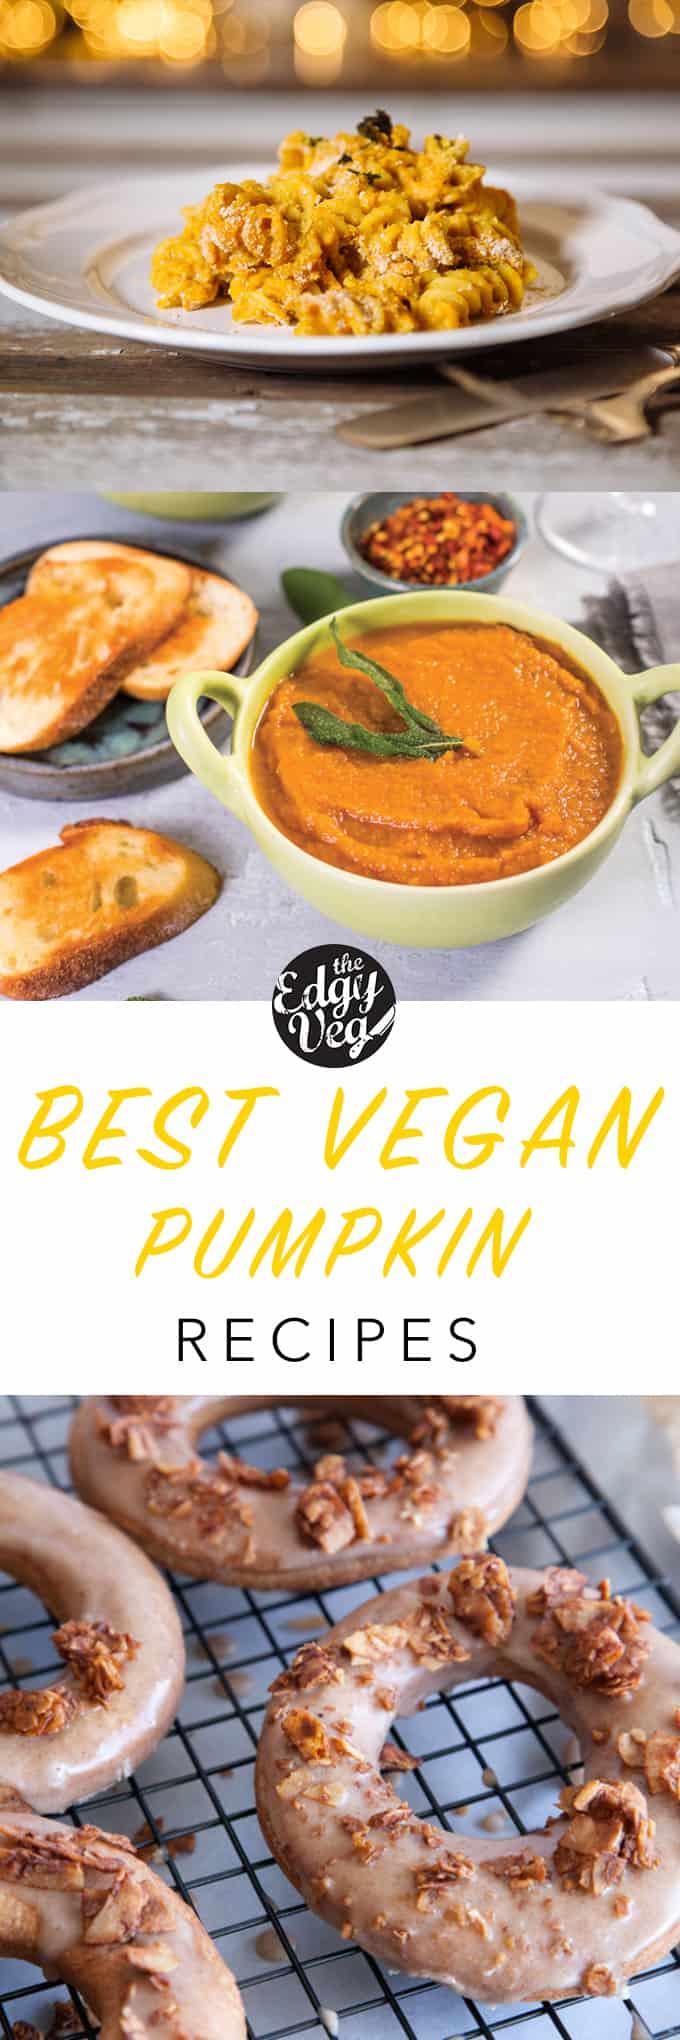 Edgy Veg pumpkin recipes